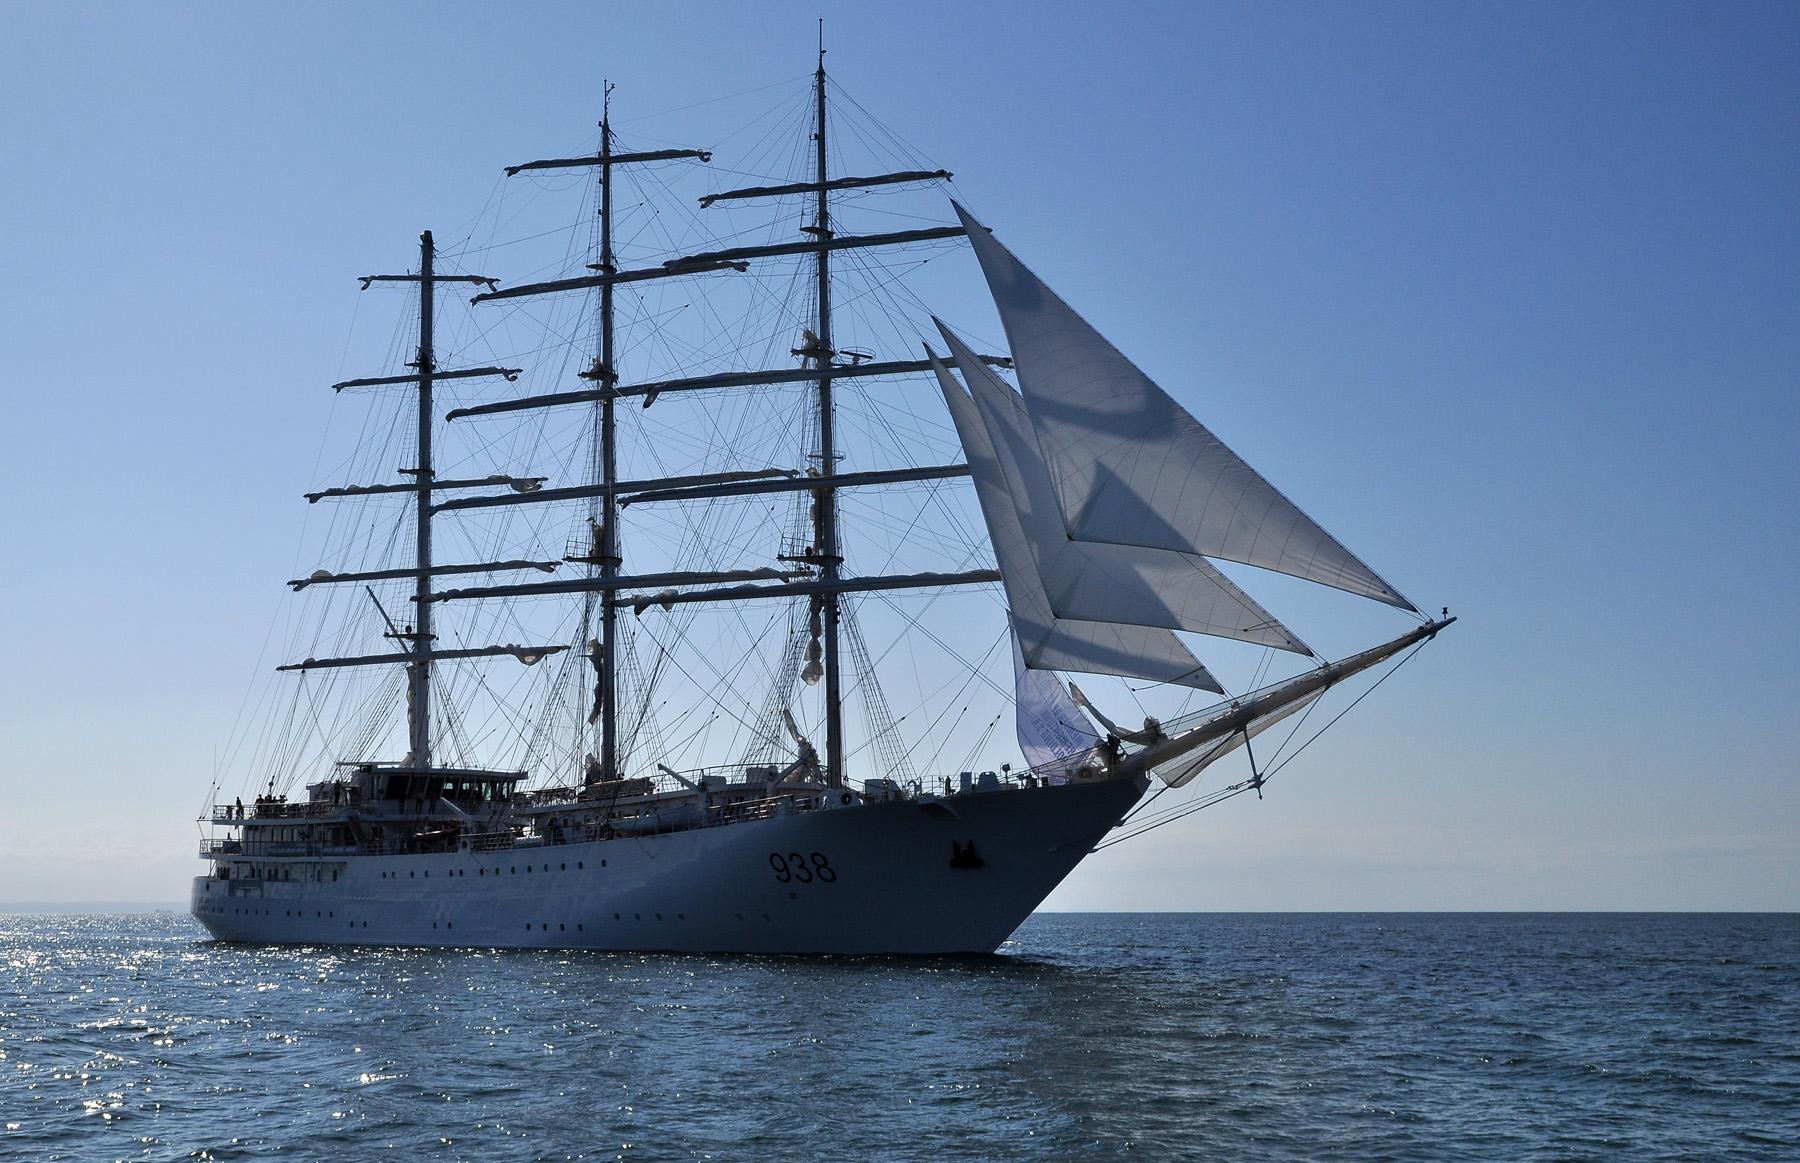 Pierwsze żagle algierskiej białej fregaty El Mellah